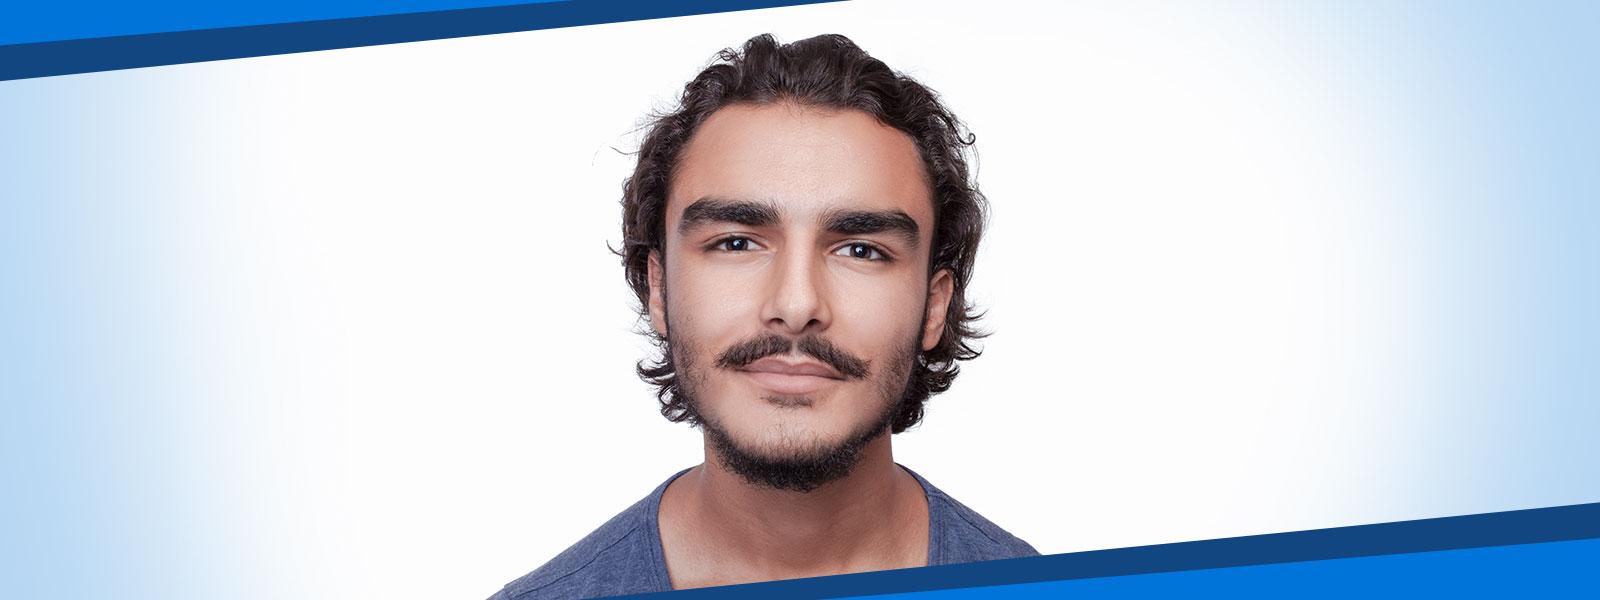 homme aux cheveux brun et à la moustache